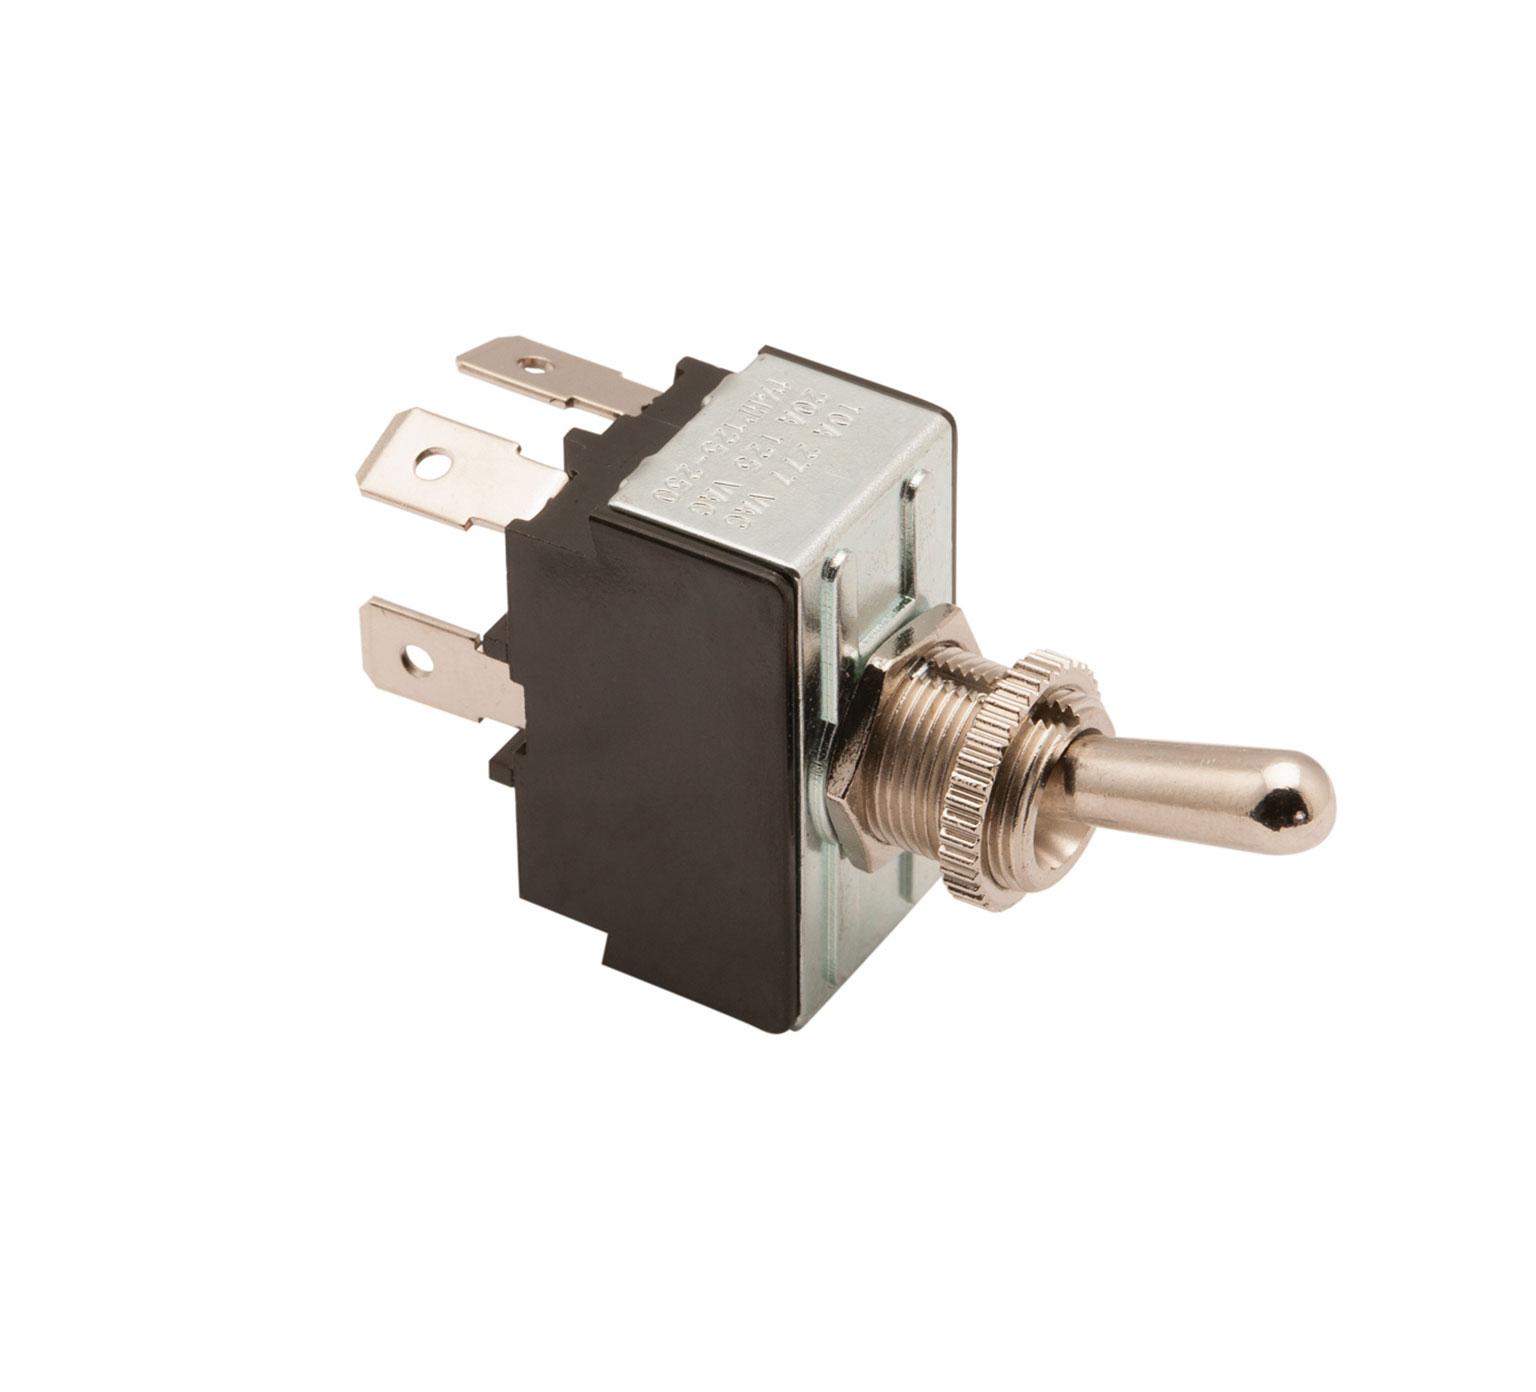 Tennanttrue Toggle Switch Pn 130726